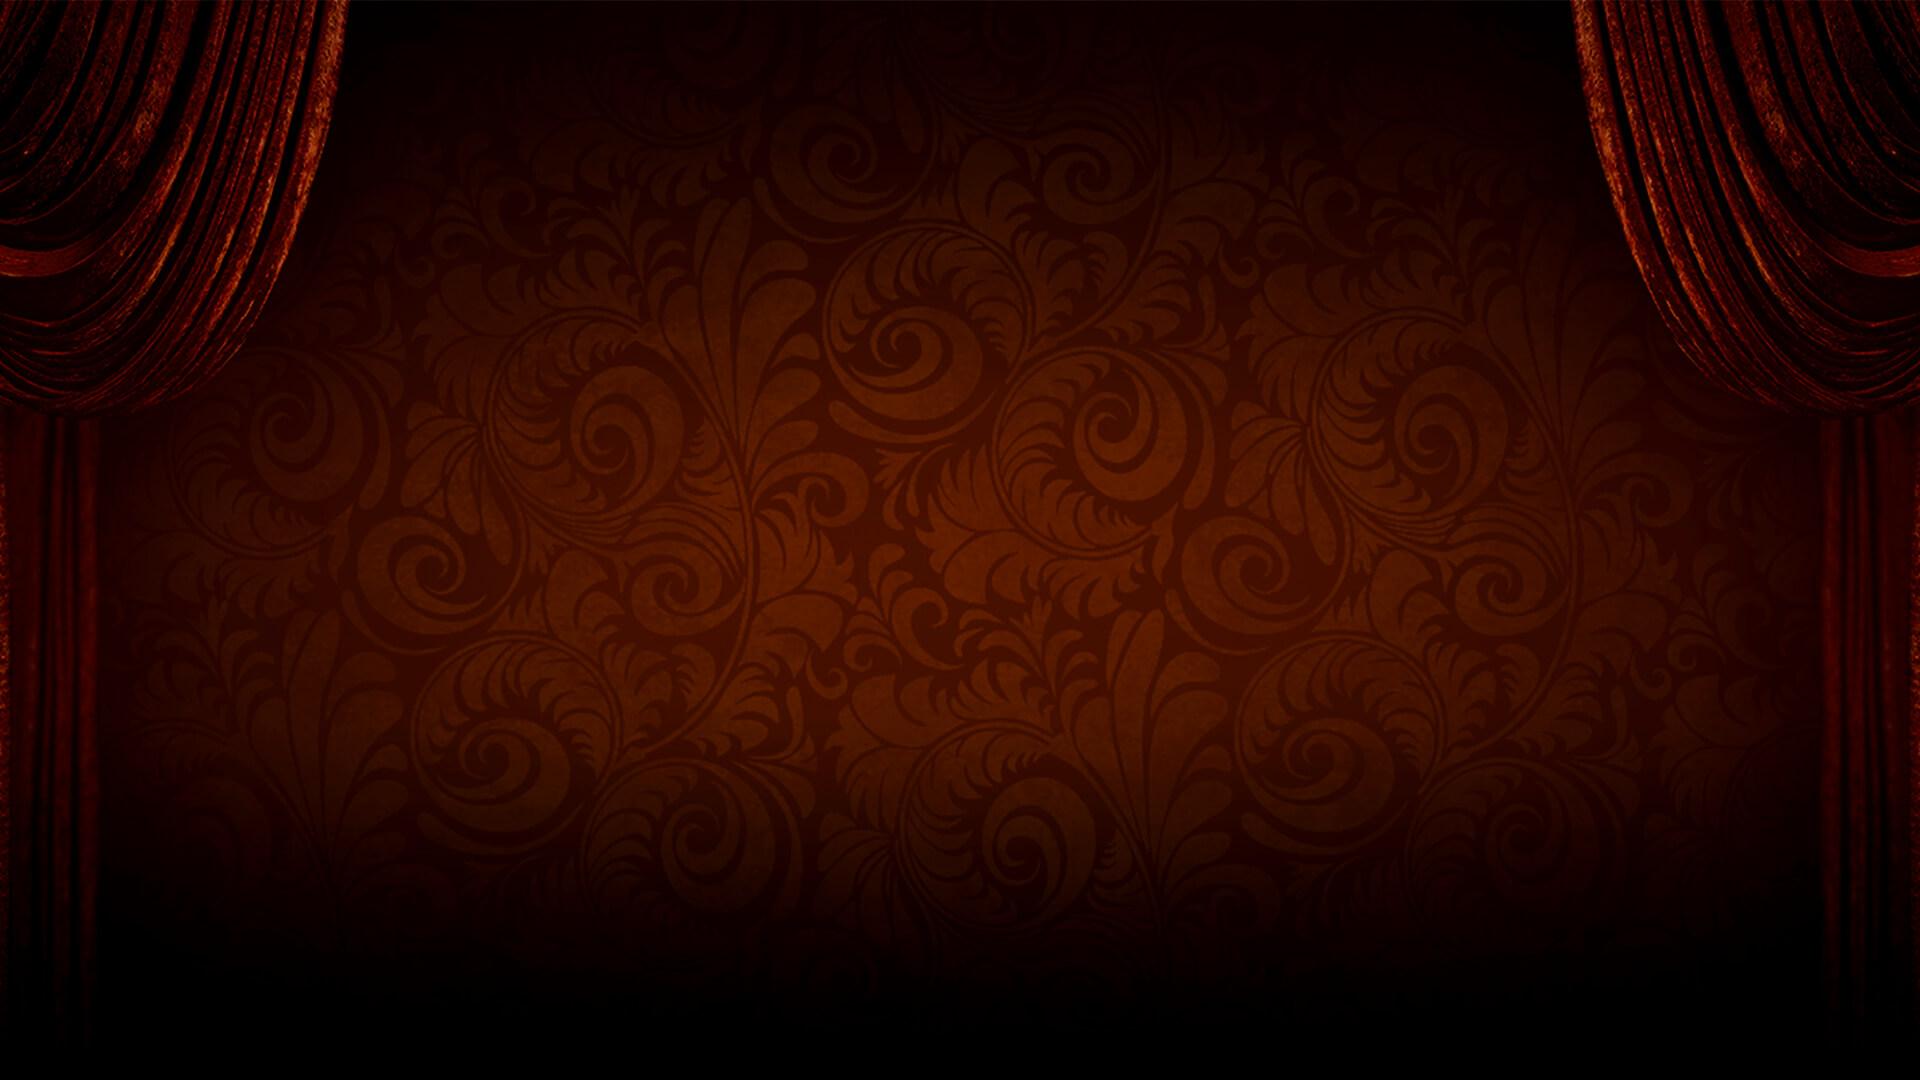 Hintergrund mit hoher Auflösung The Phantom of the Opera